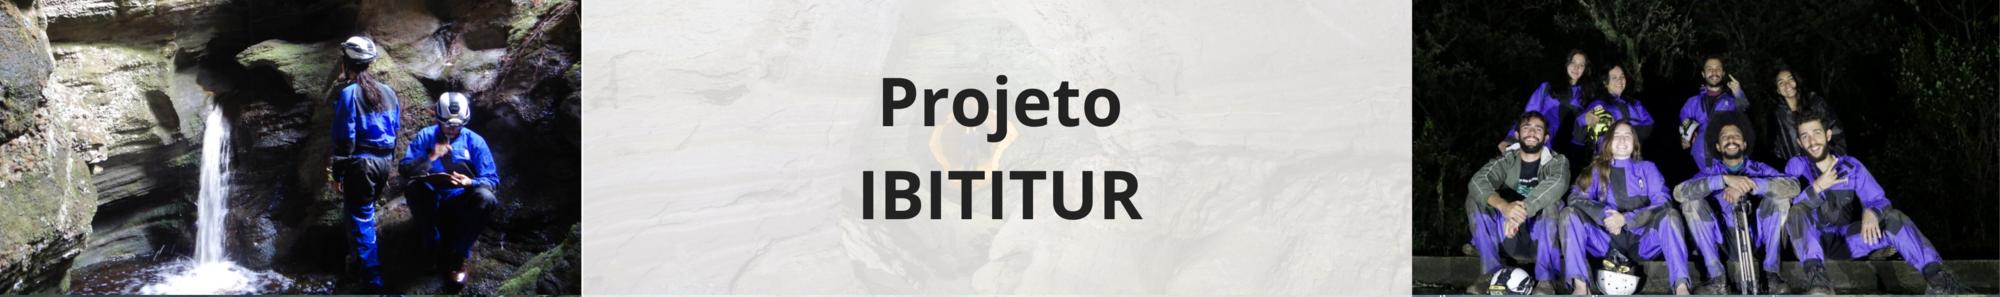 ibititur